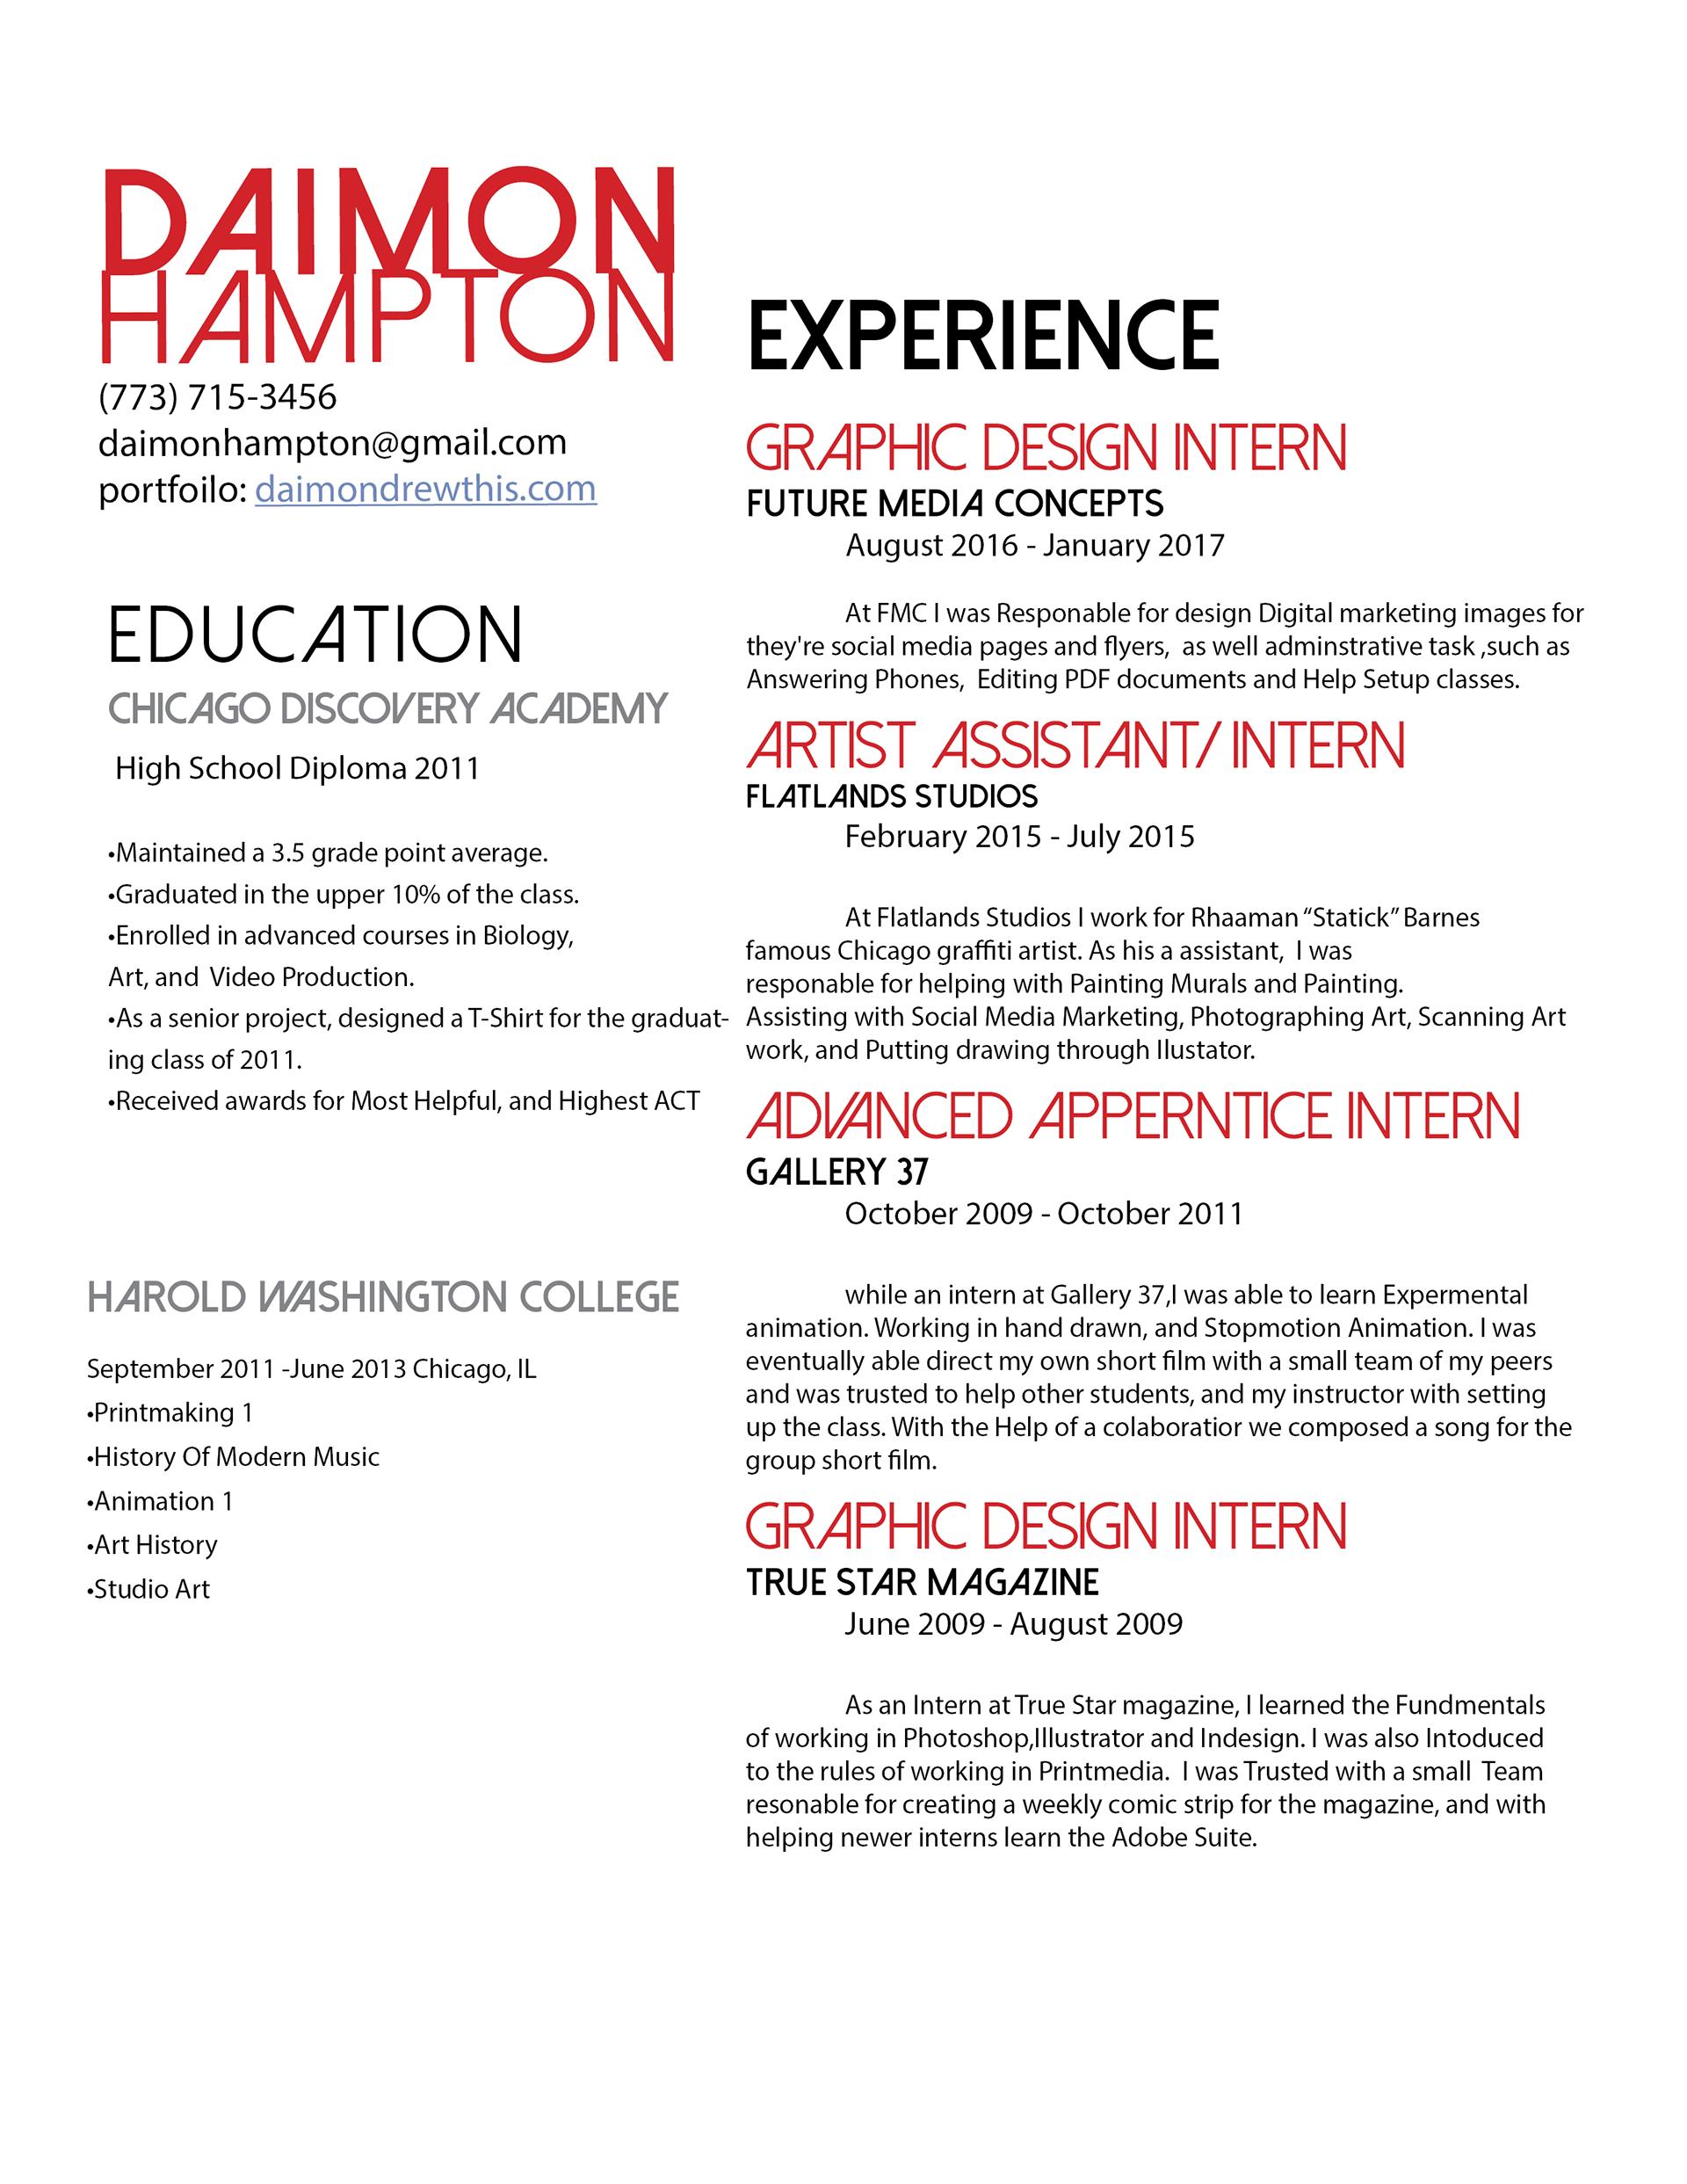 daimon hampton - About Me